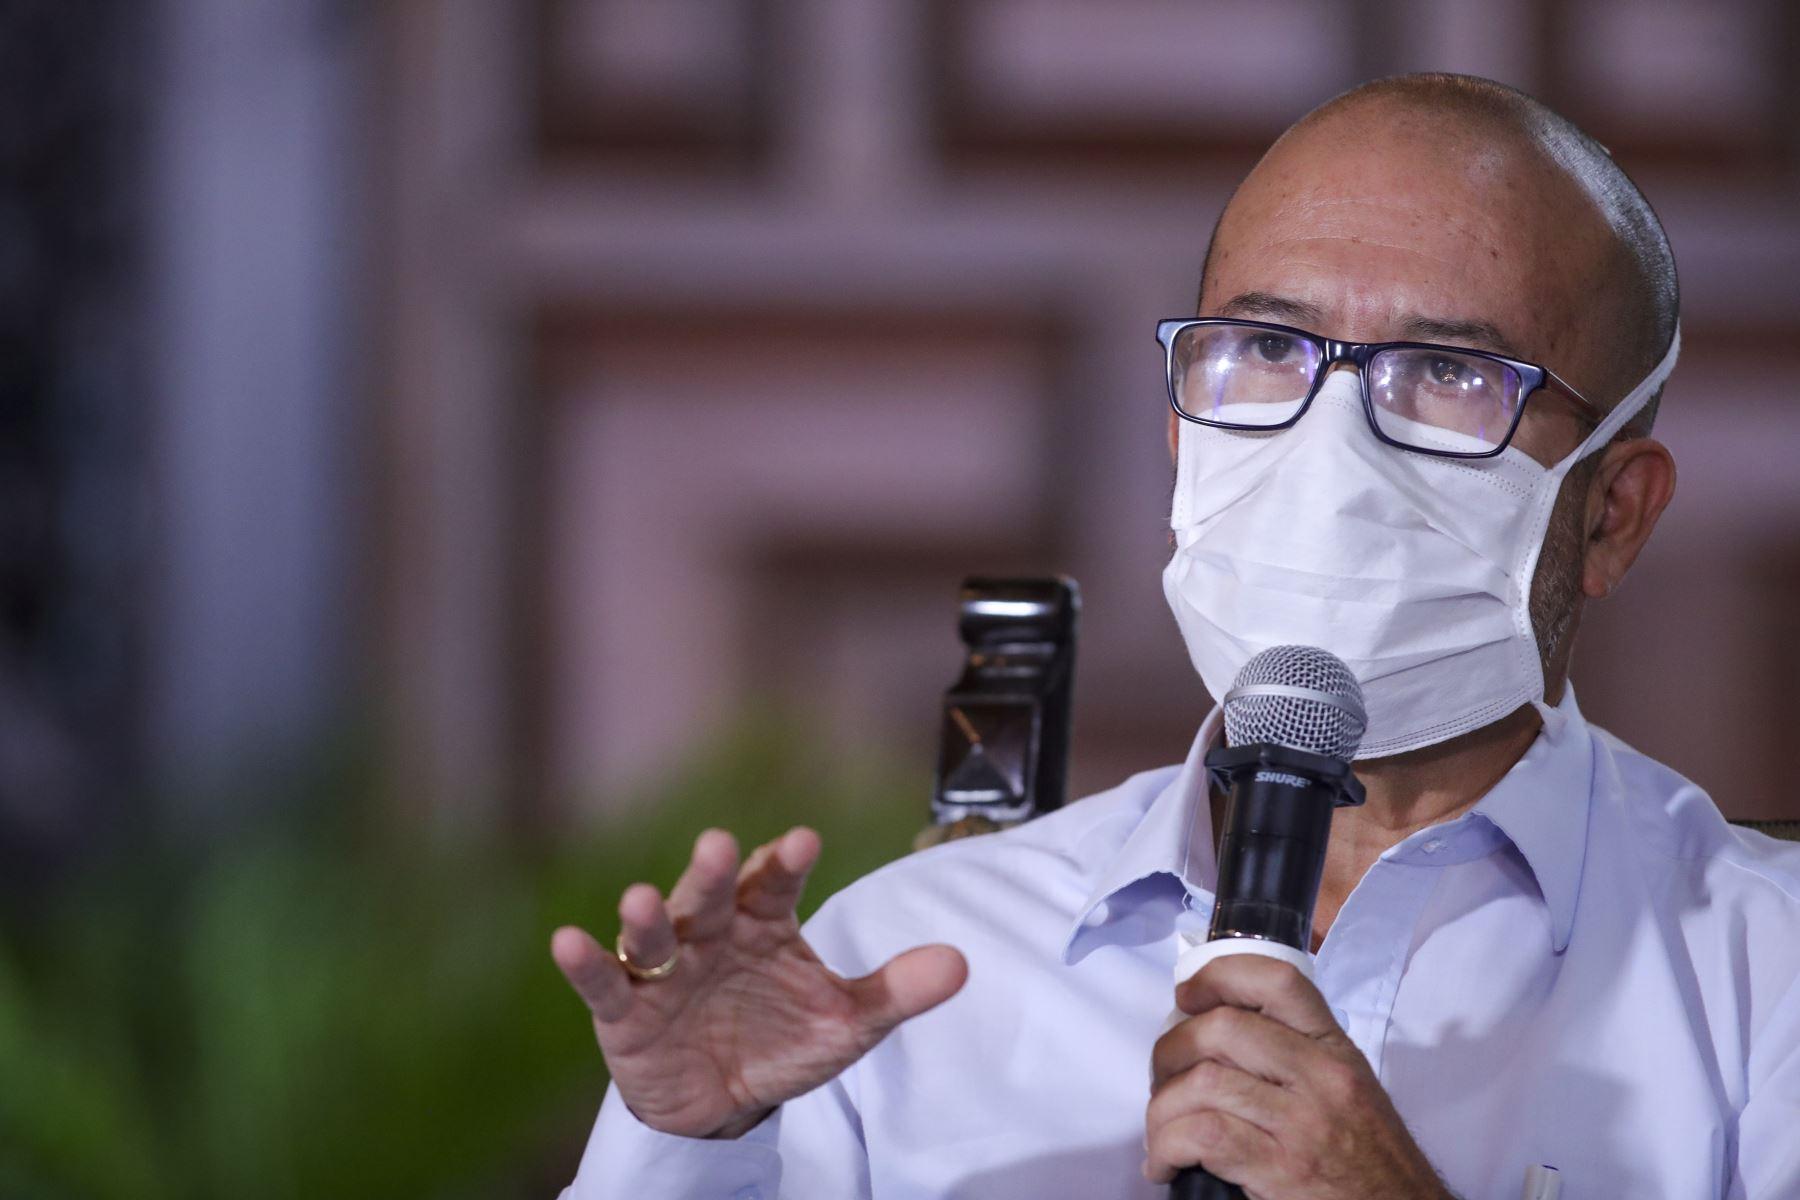 Ministro de Salud Víctor Zamora Mesía  informó sobre diferentes las medidas adoptadas por su sector, en el marco del estado de emergencia nacional por el coronavirus (covid-19). Foto: ANDINA/ Prensa Presidencia